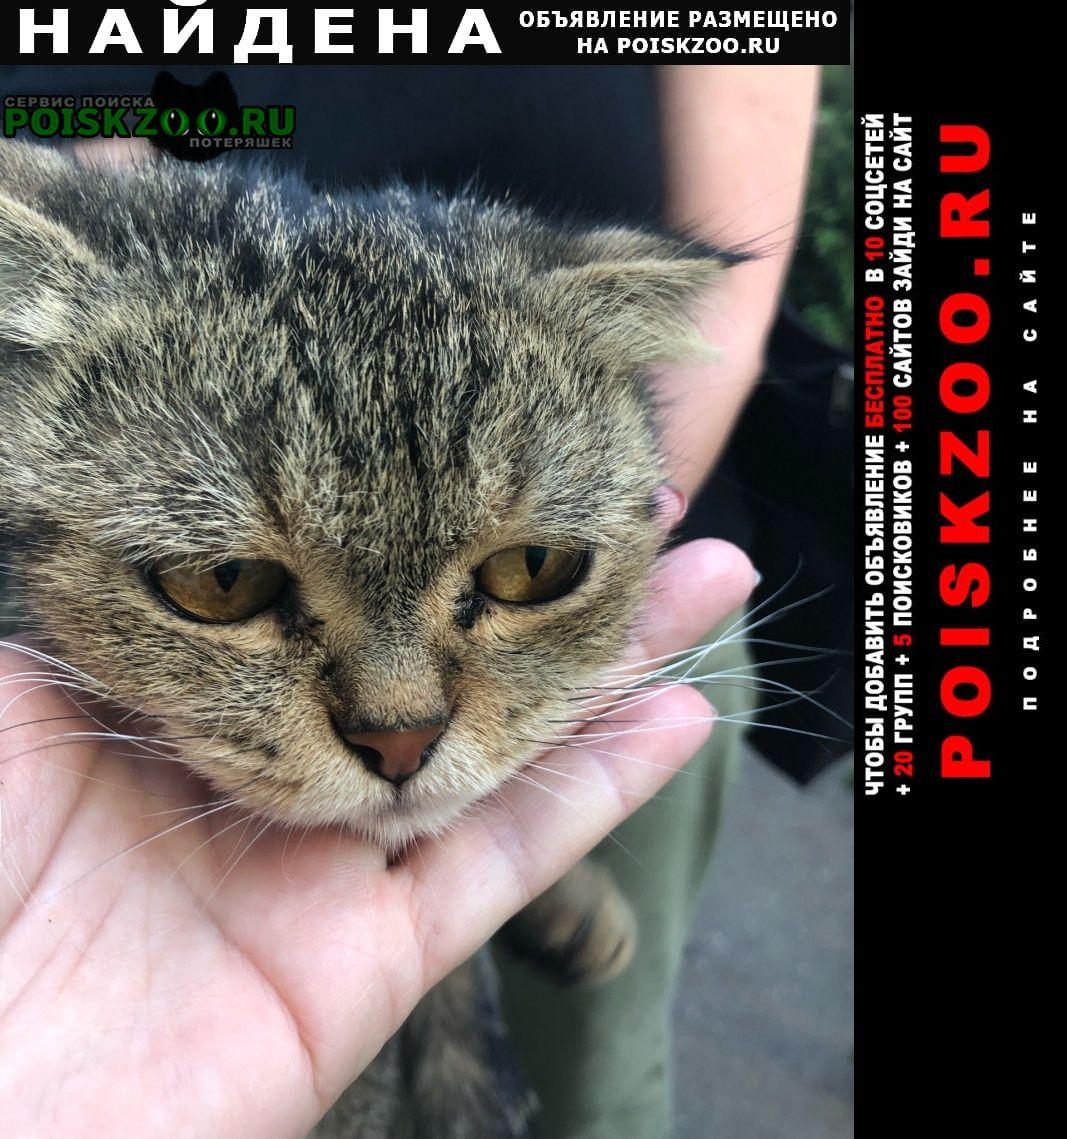 Найдена кошка Железнодорожный (Московск.)